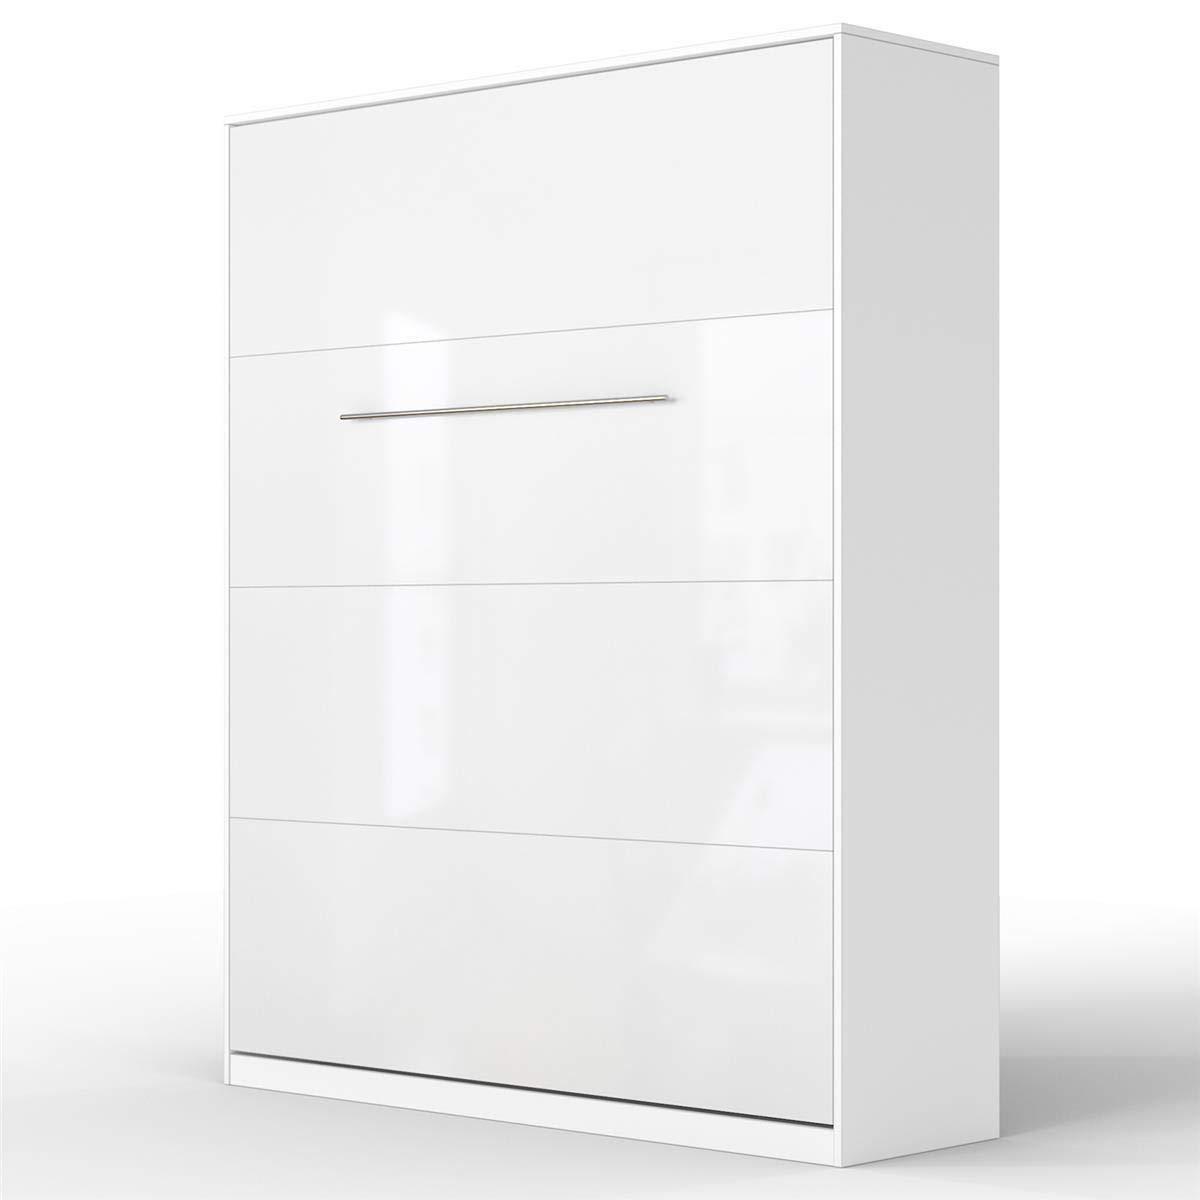 ventas calientes blancoo blancoo Brillante 160 x 200 200 200 cm verdeical Standard SMARTBett Standard Cama abatible Cama Plegable Cama de Parojo (Antracita blancoo Brillante, 90 x 200 cm verdeical)  entrega rápida